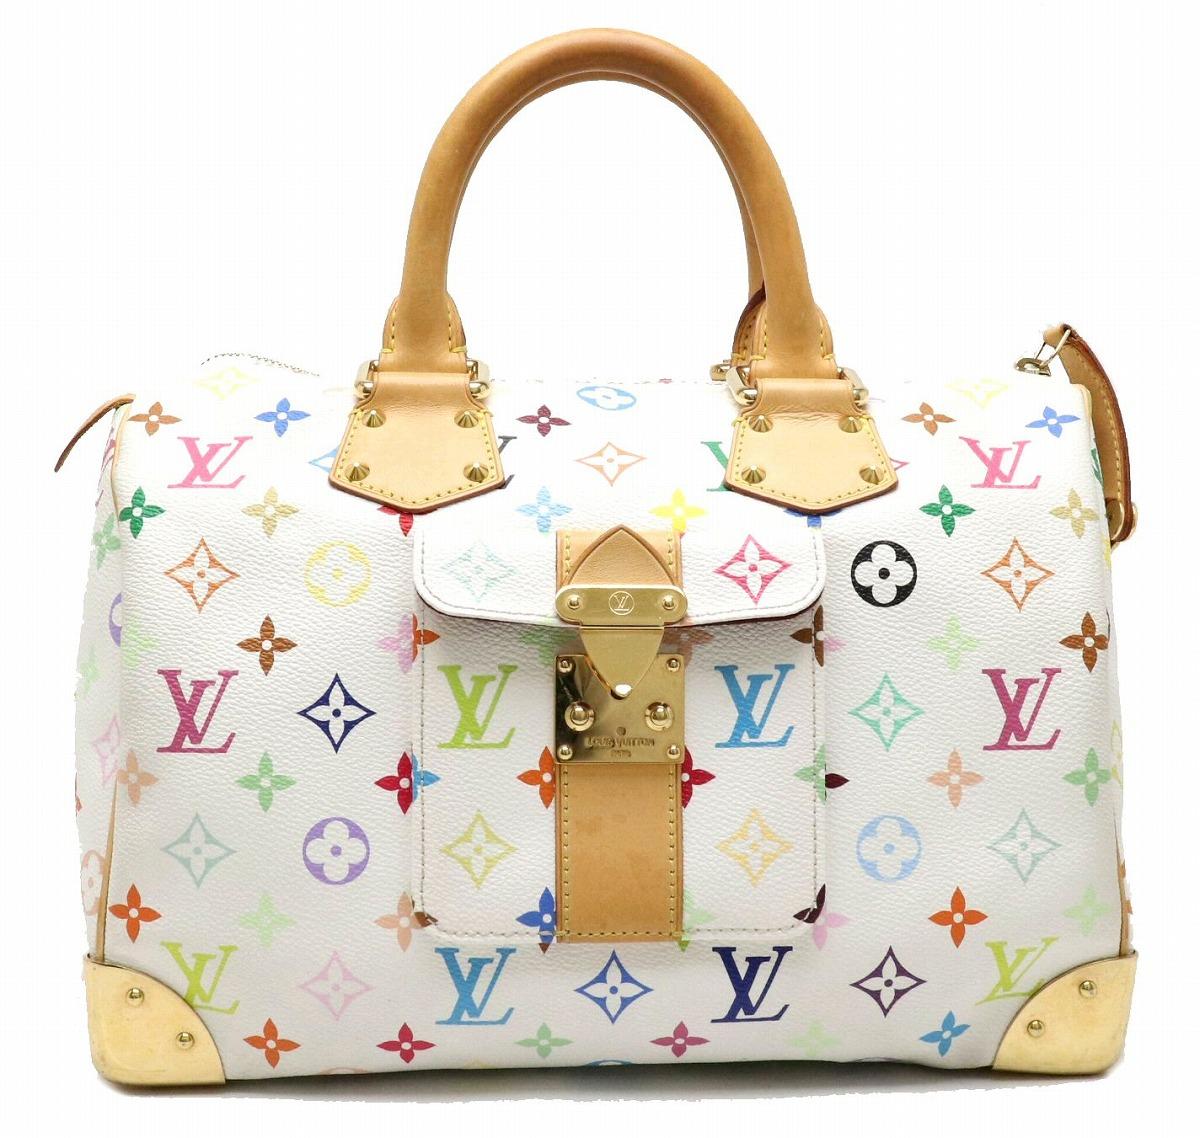 【バッグ】LOUIS VUITTON ルイ ヴィトン モノグラムマルチカラー スピーディ30 ハンドバッグ ミニボストンバッグ ブロン 白 ホワイト M92643 【中古】